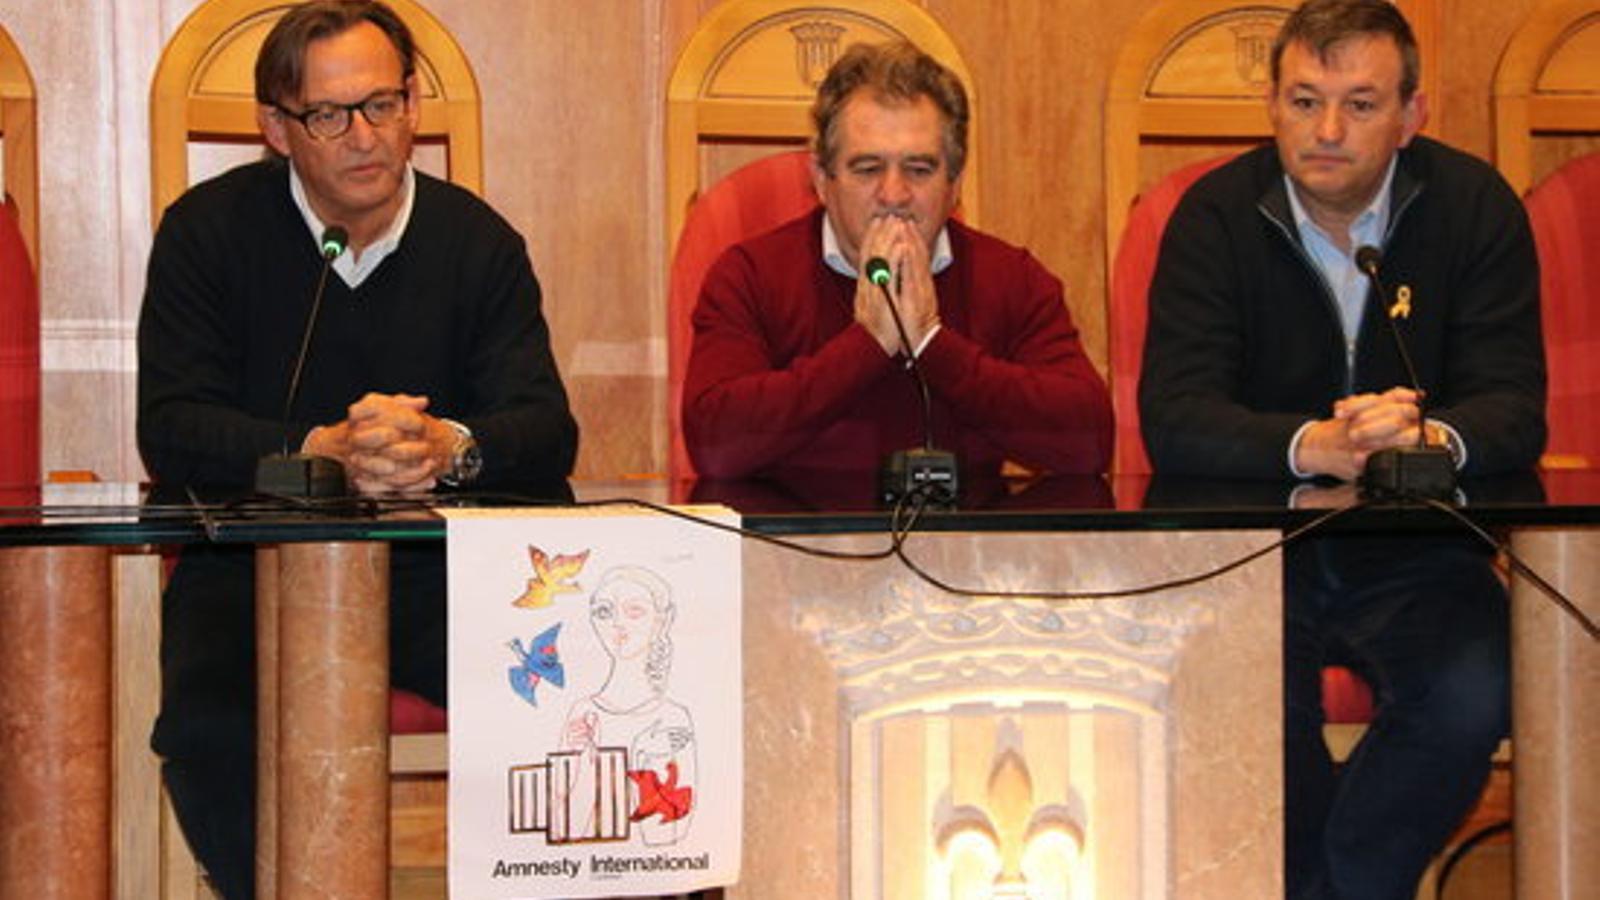 L'alcalde de Montblanc comença una vaga de fam en solidaritat amb els presos polítics que també la fan